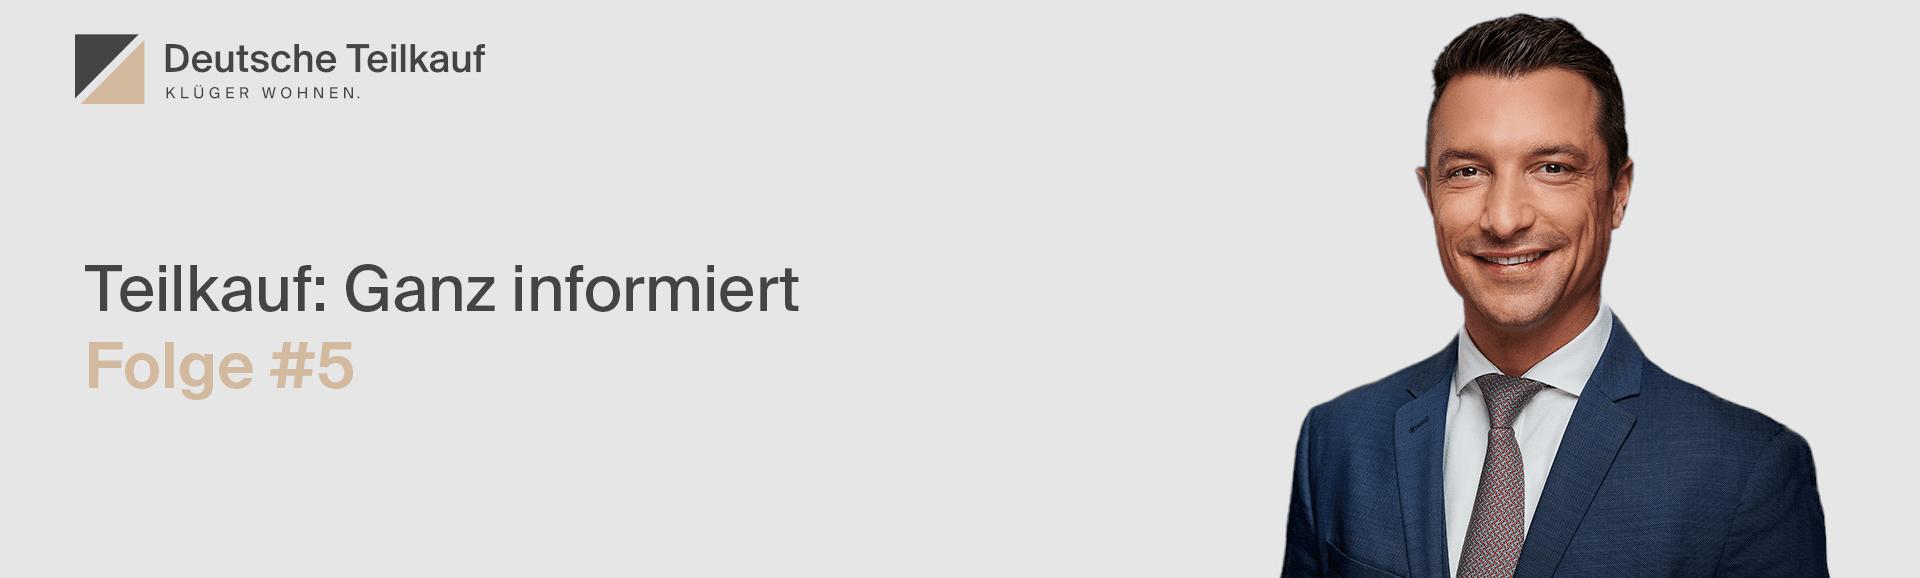 Deutsche Teilkauf: Ganz informiert - Vlog-Folge #5 - Marian Kirchhoff erklärt zum Thema Immobilienkredit vs. Teilverkauf